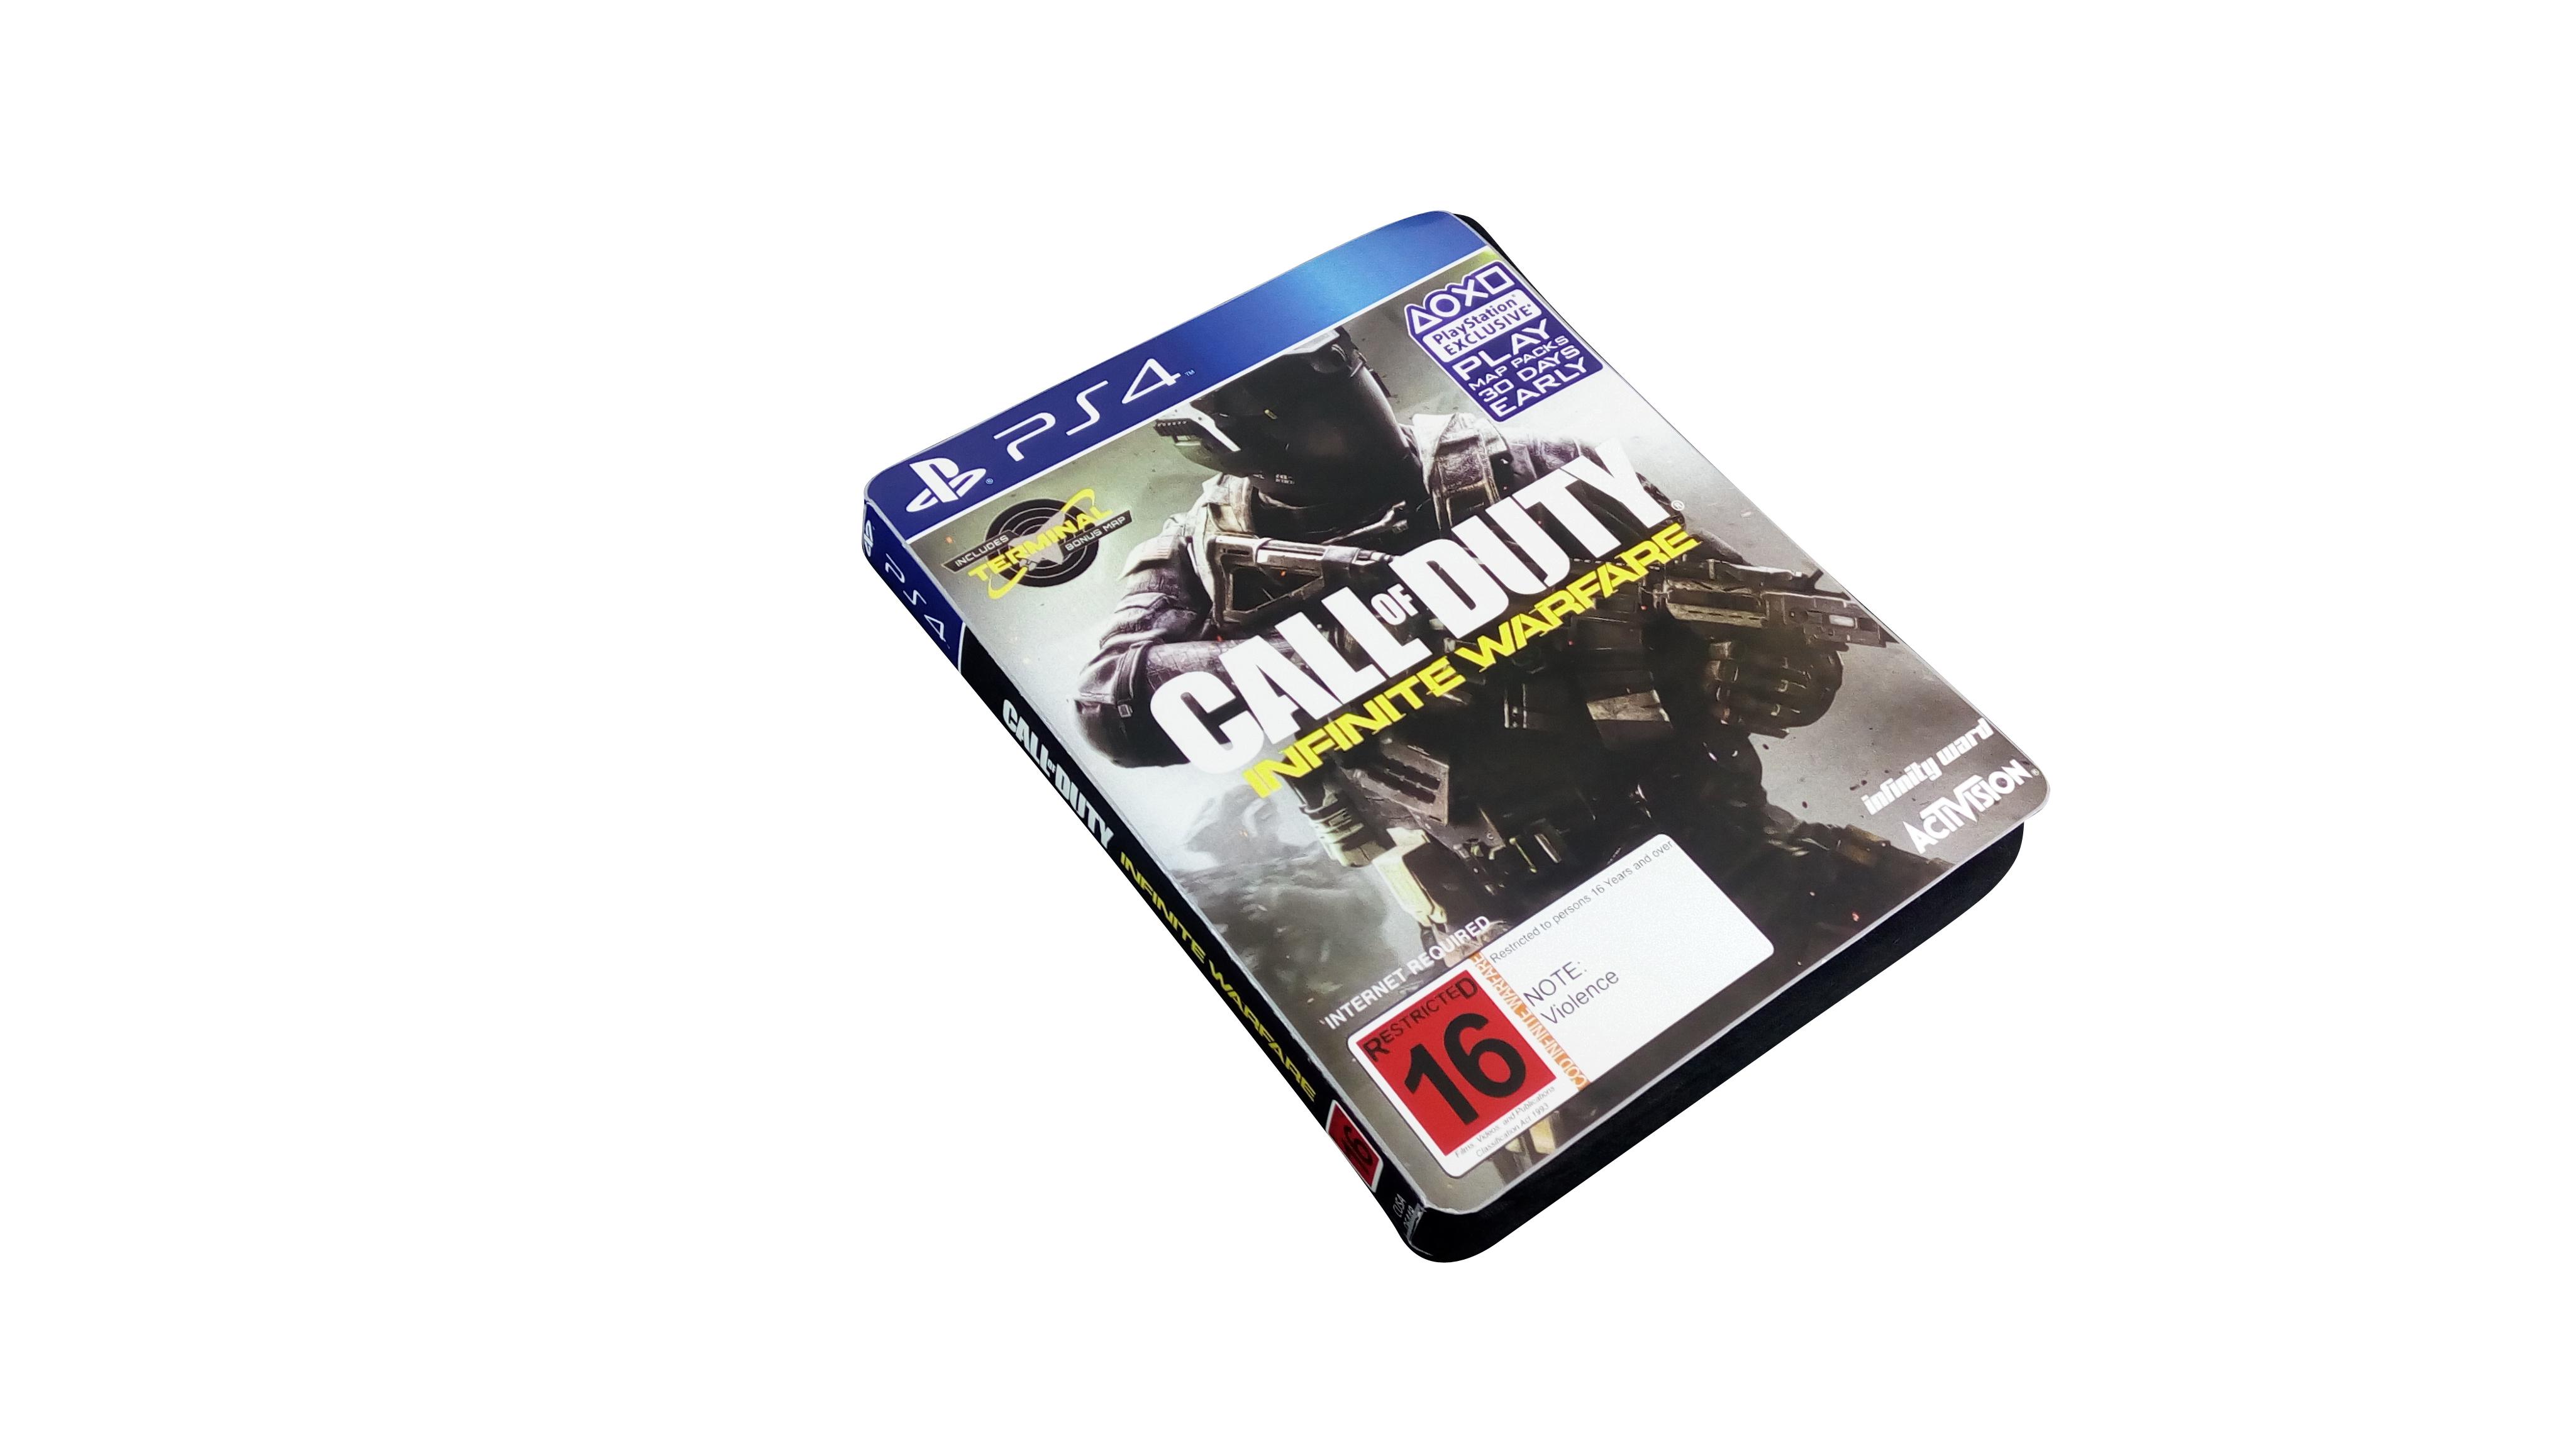 Simulando un juego PS4